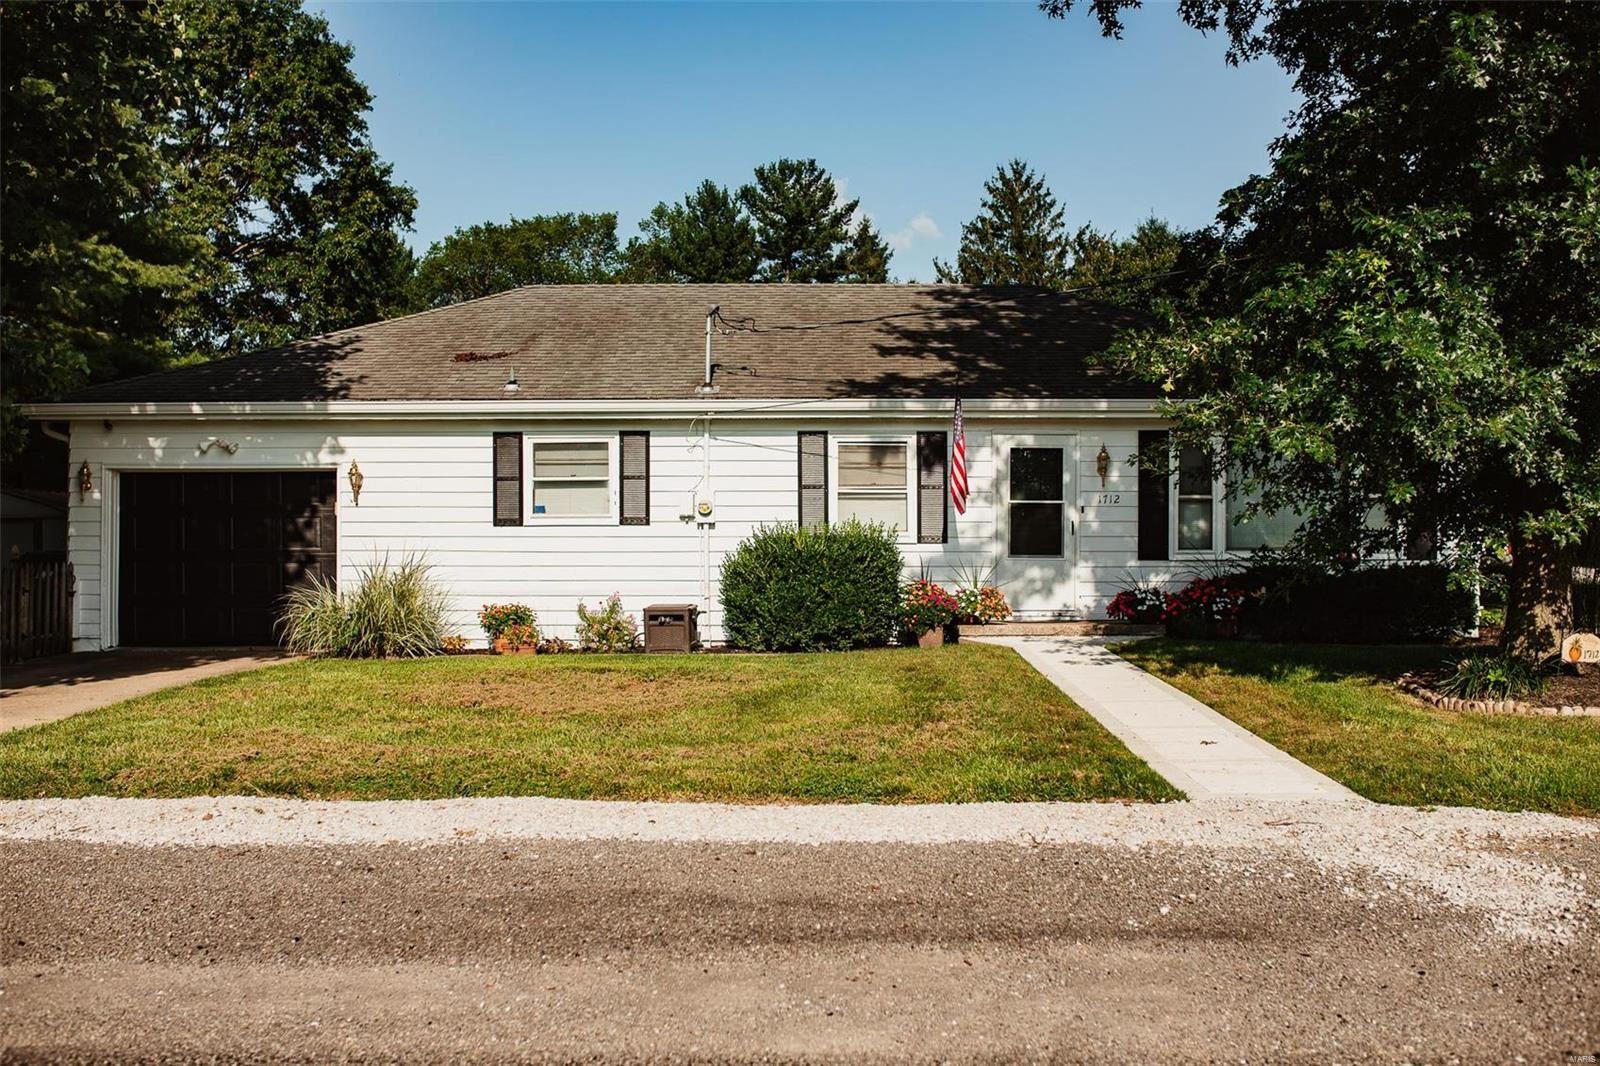 1712 Anniversary Lane, Edwardsville, IL 62025 - MLS#: 21056325